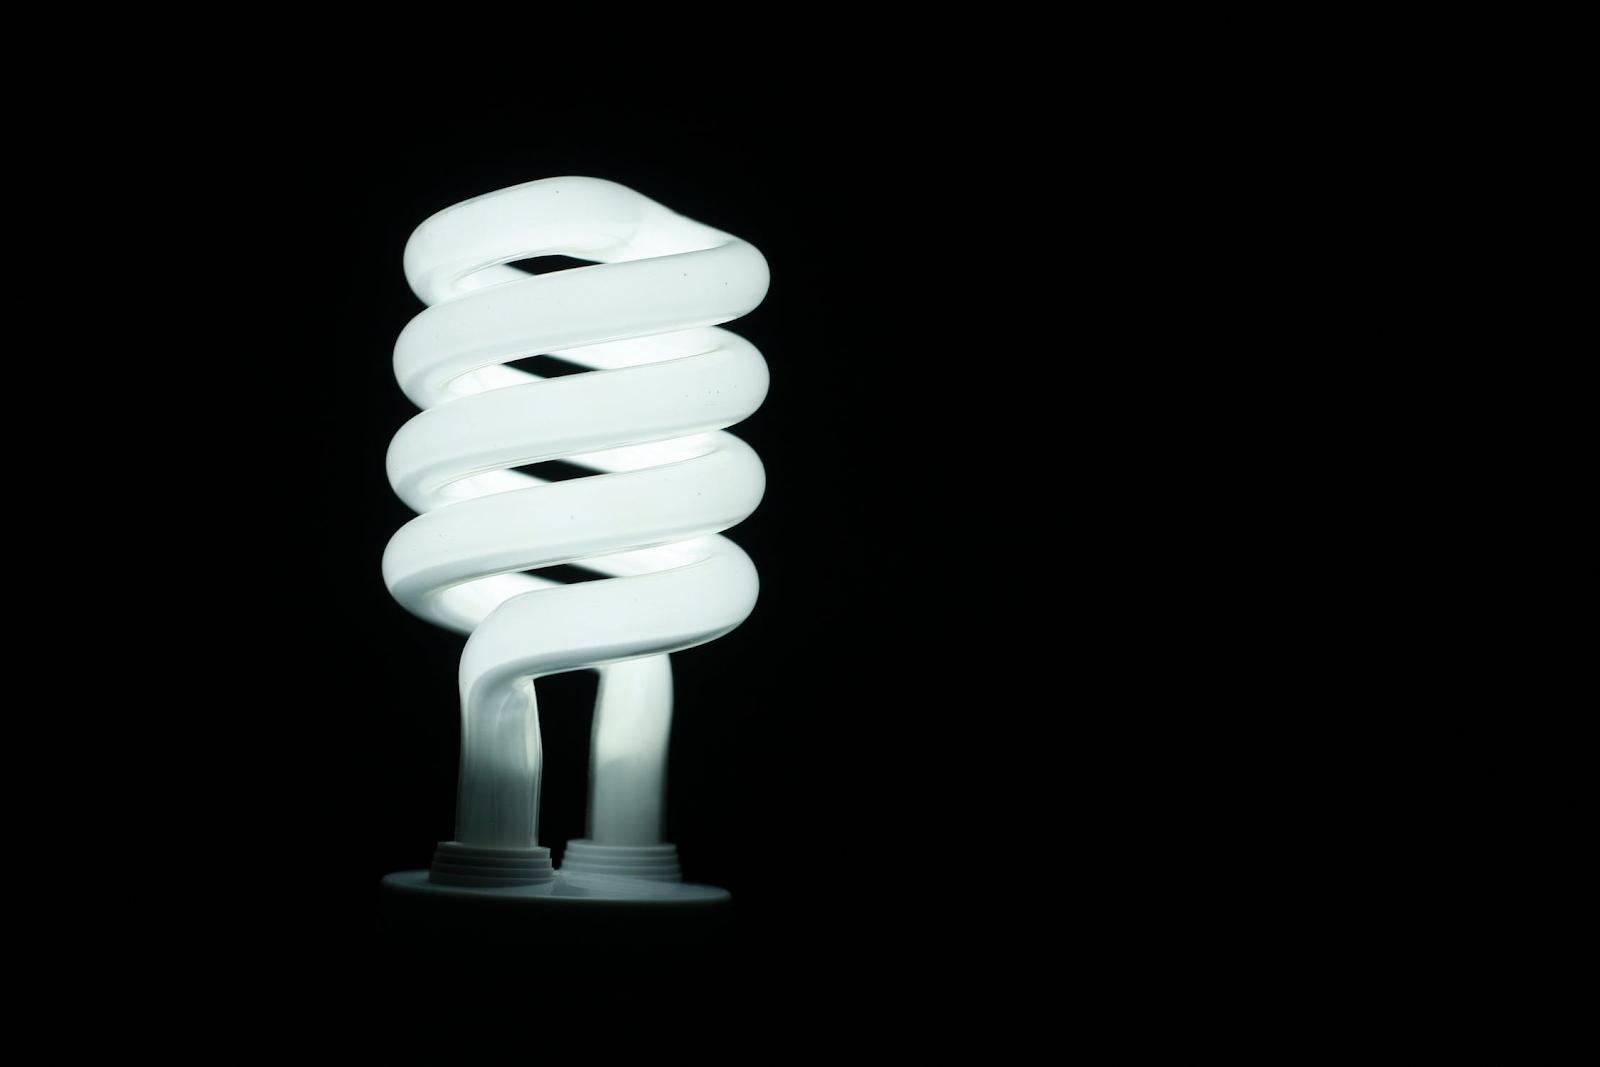 Lemputės išradimo istorija